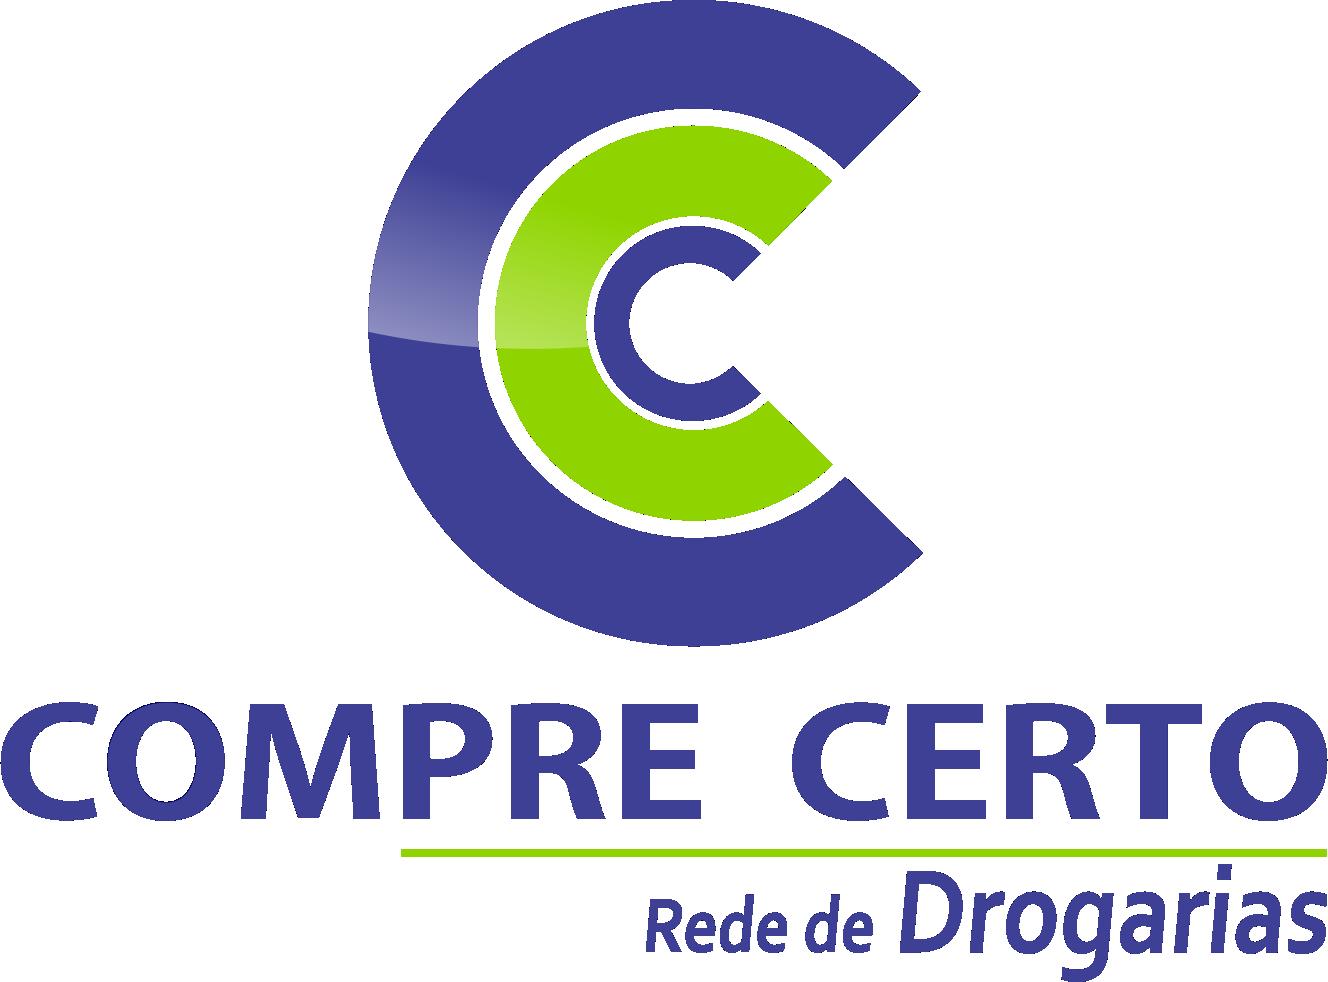 Logomarca-Compre-Certo-manutencao